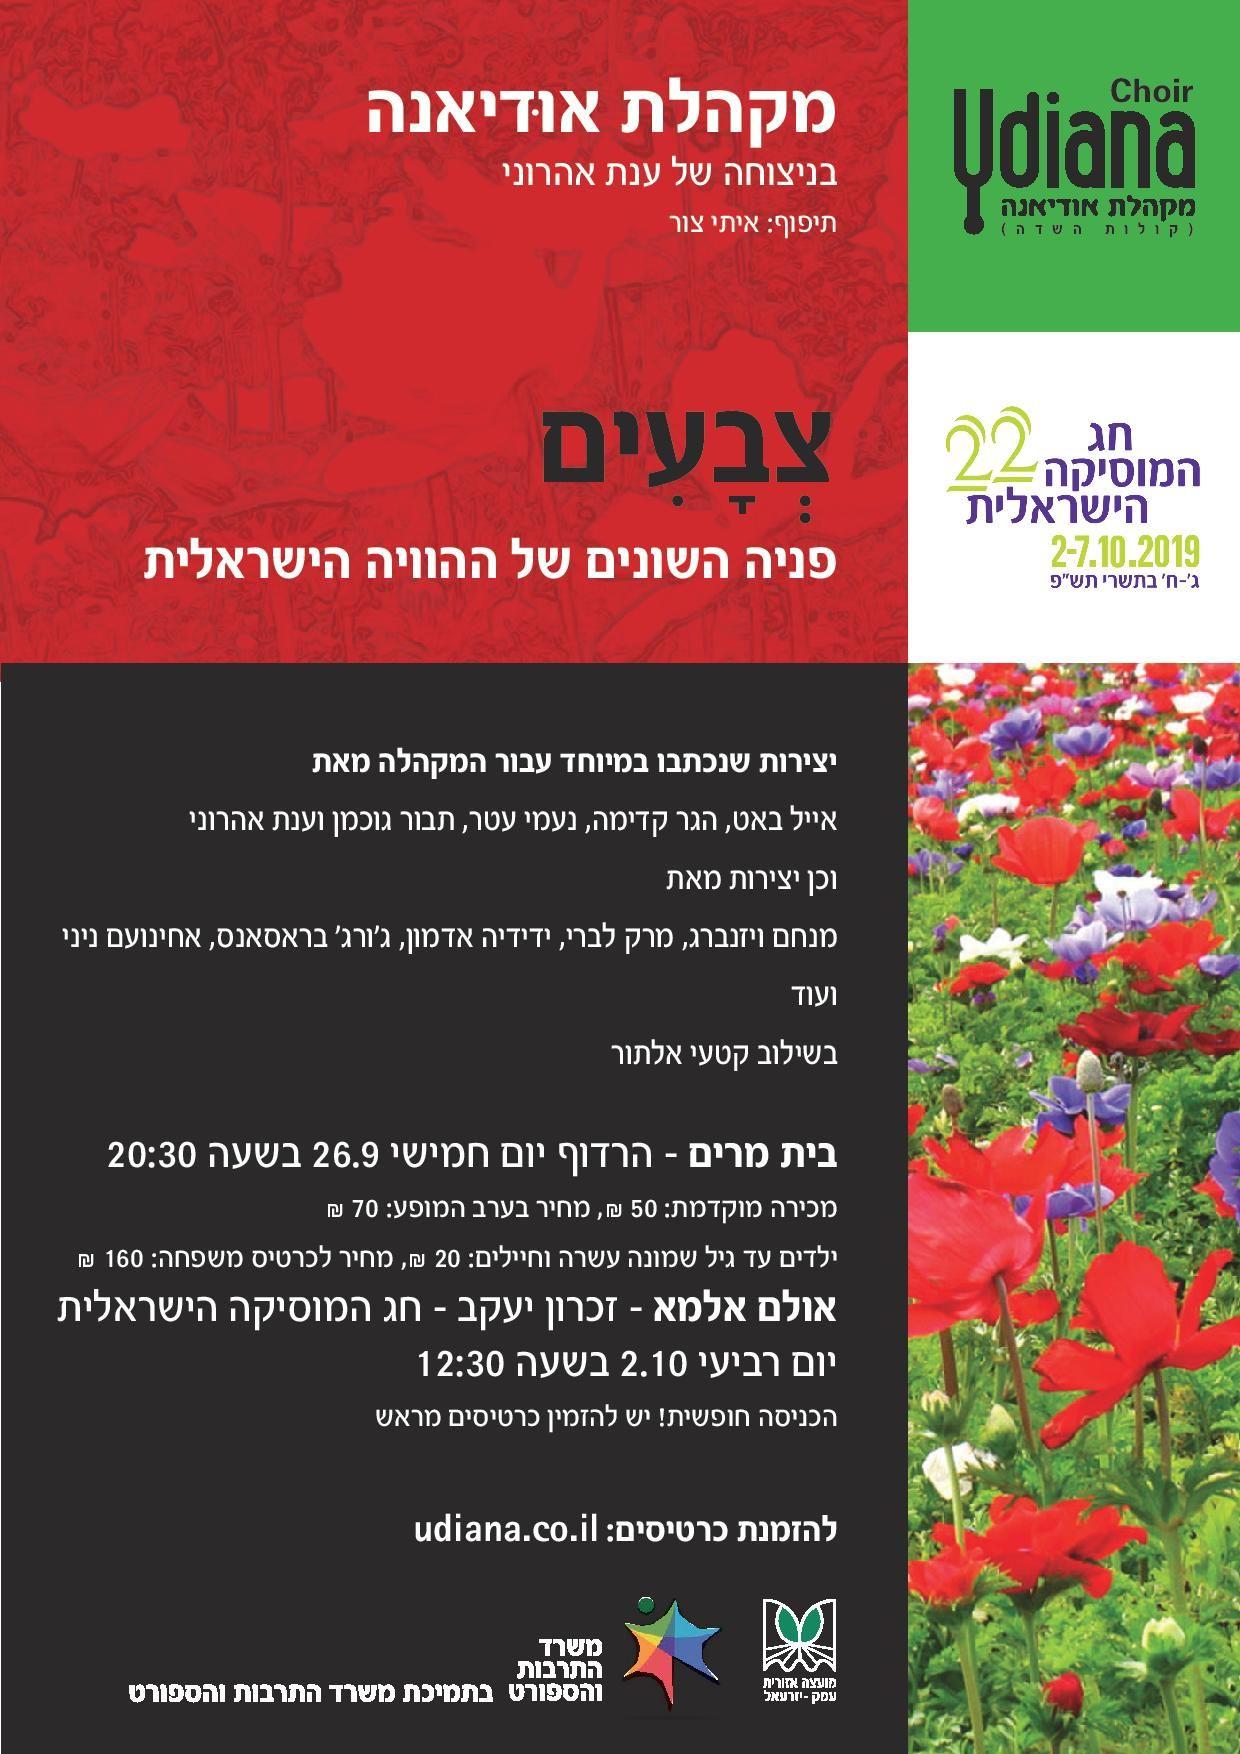 מקהלת אודיאנה - חג המוסיקה הישראלית ה-22